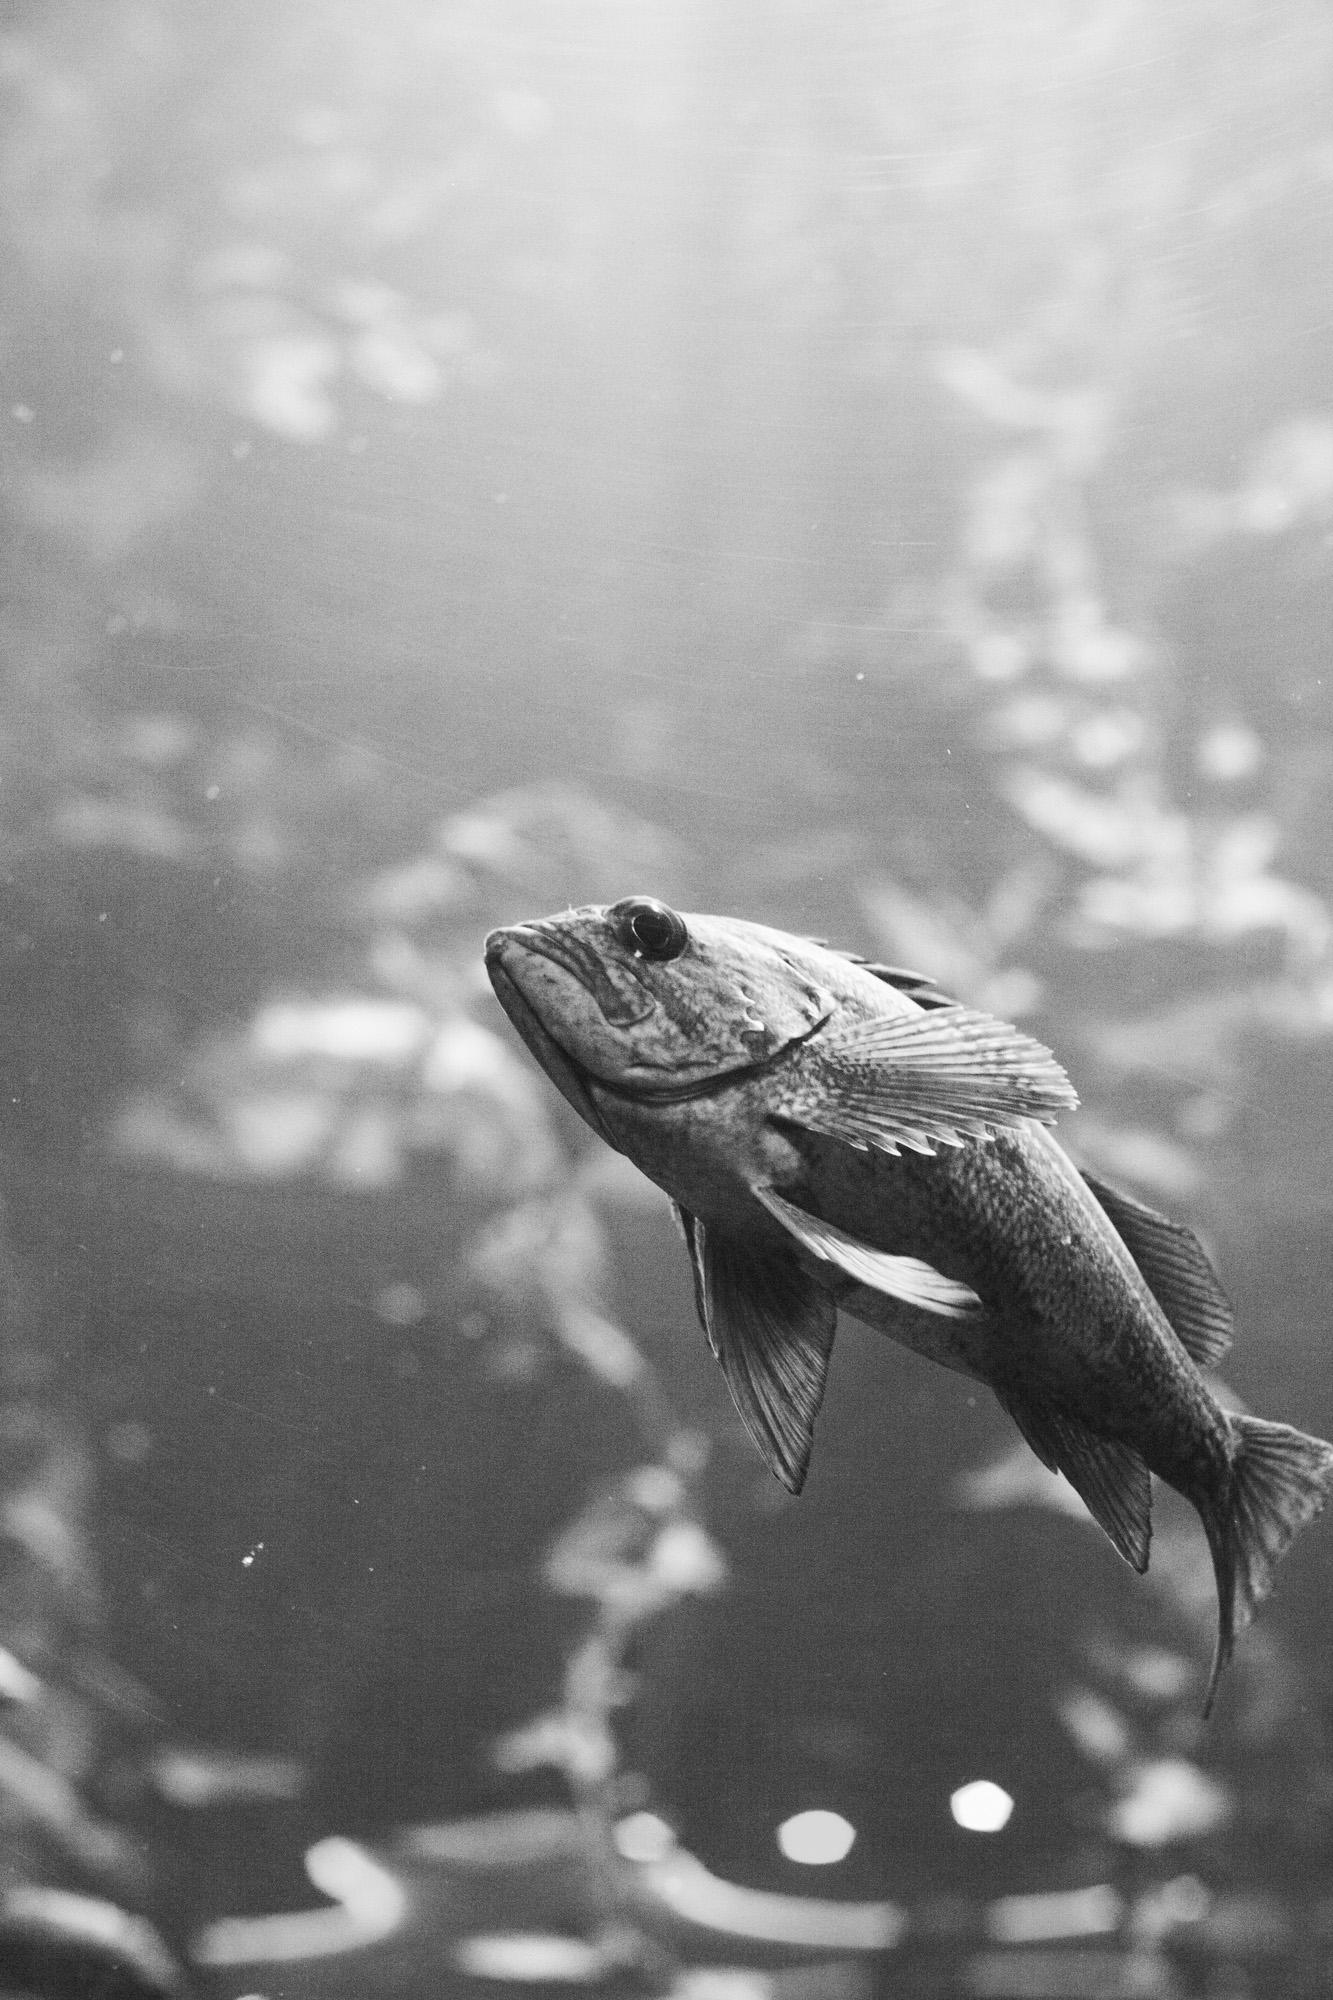 aquarium_lolitas-3.jpg